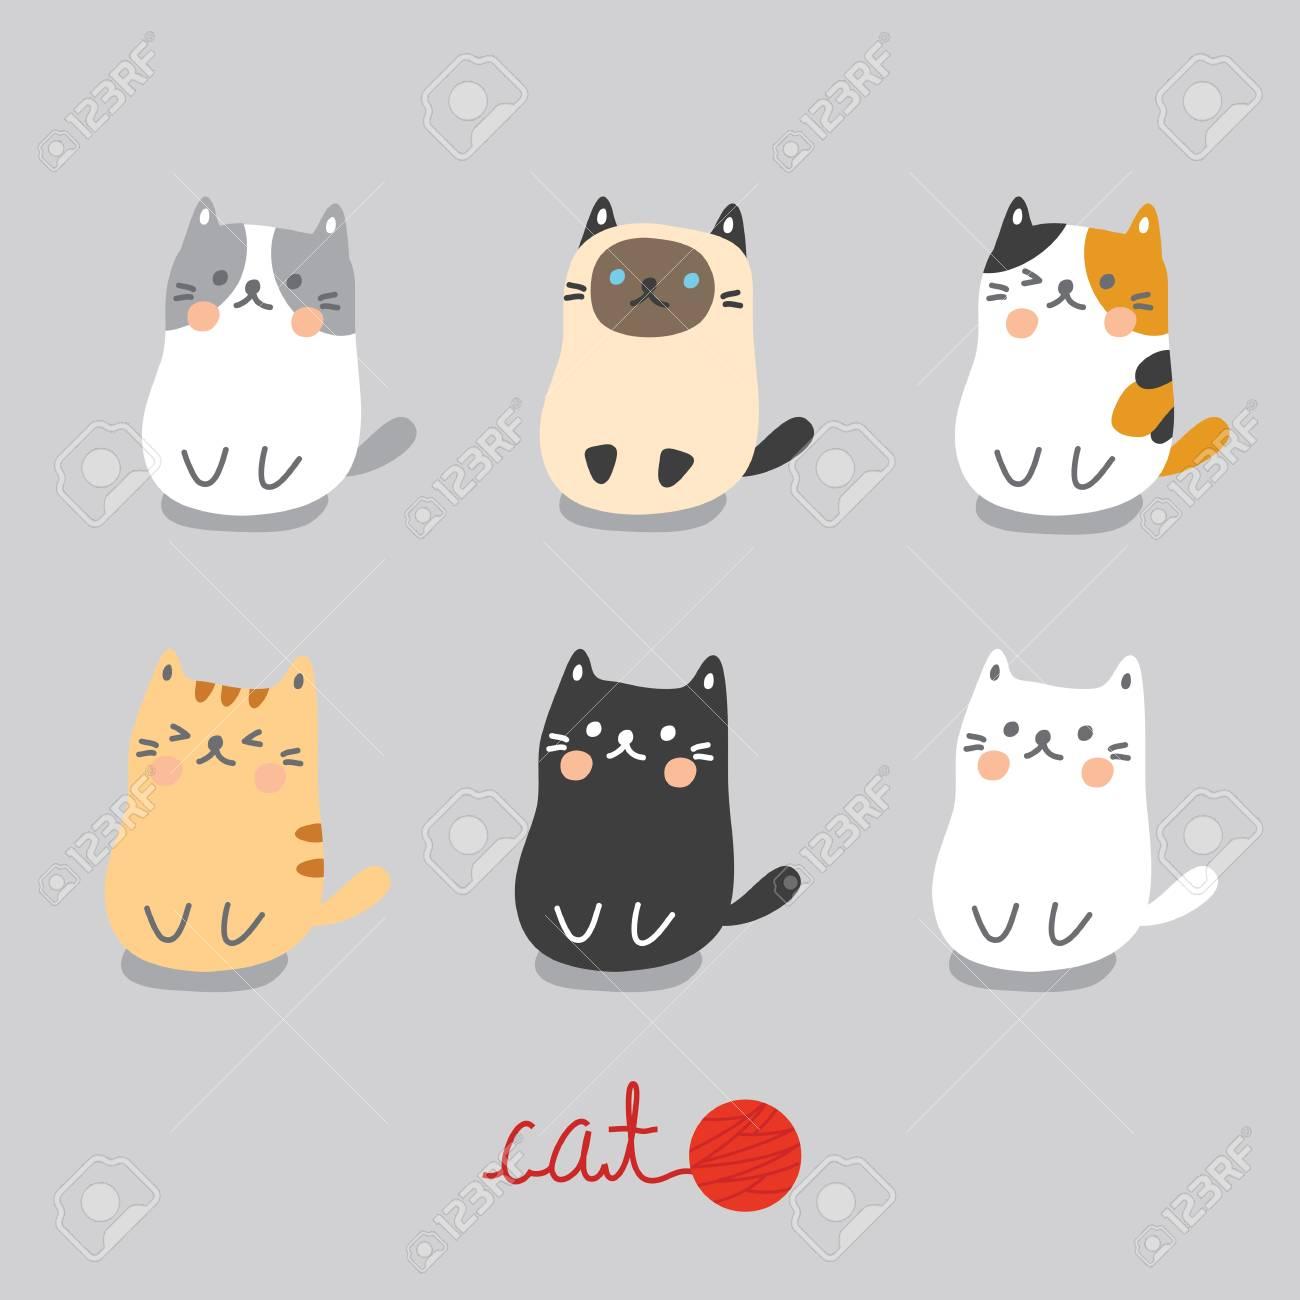 座っているかわいい猫を設定します のイラスト素材 ベクタ Image